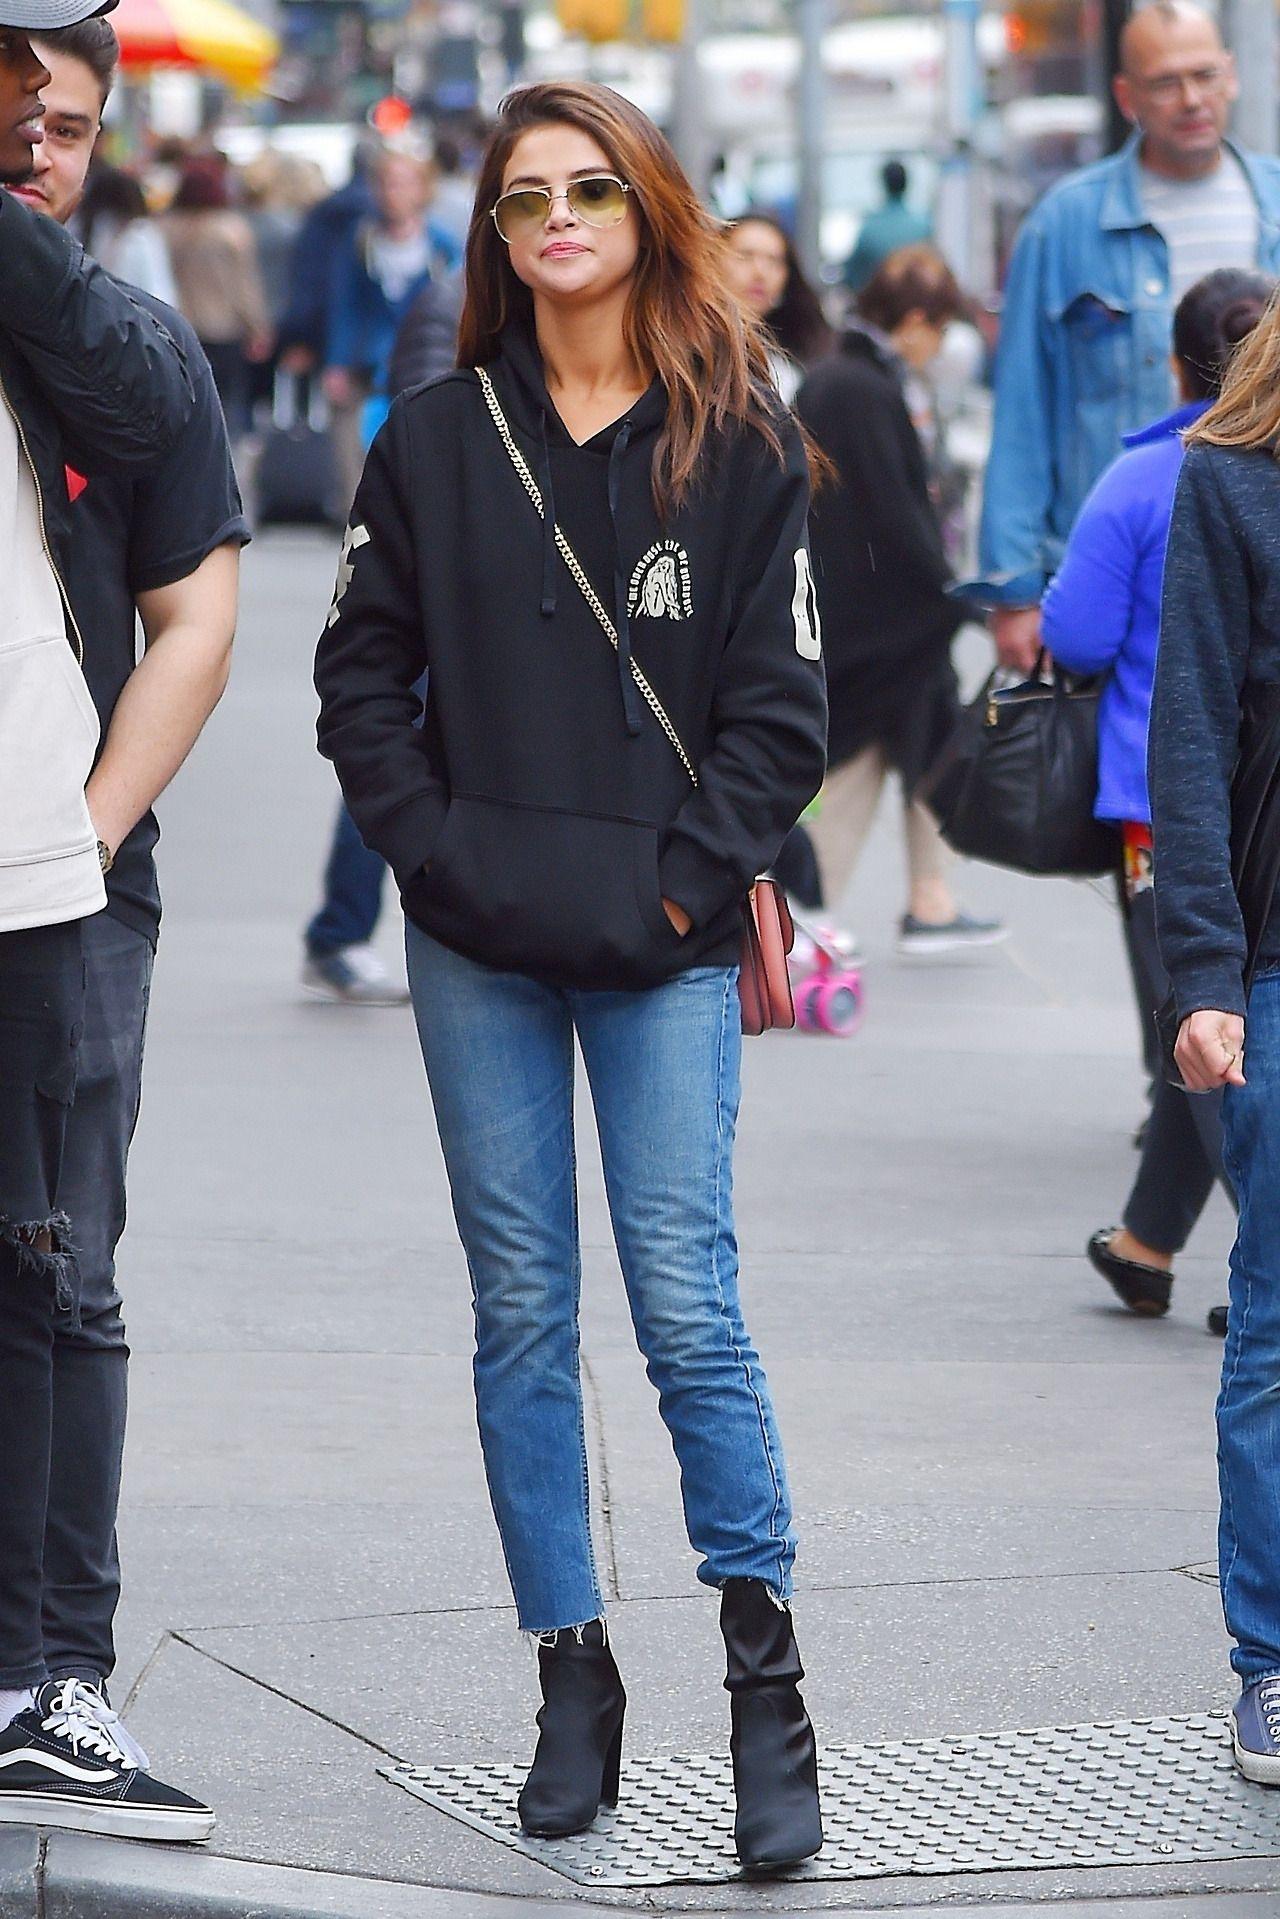 Predownload: Selena Gomez News June 4 Selena Seen Out And About In Times Square Ropa De Otono Casual Look De Selena Gomez Ropa De Moda [ 1919 x 1280 Pixel ]